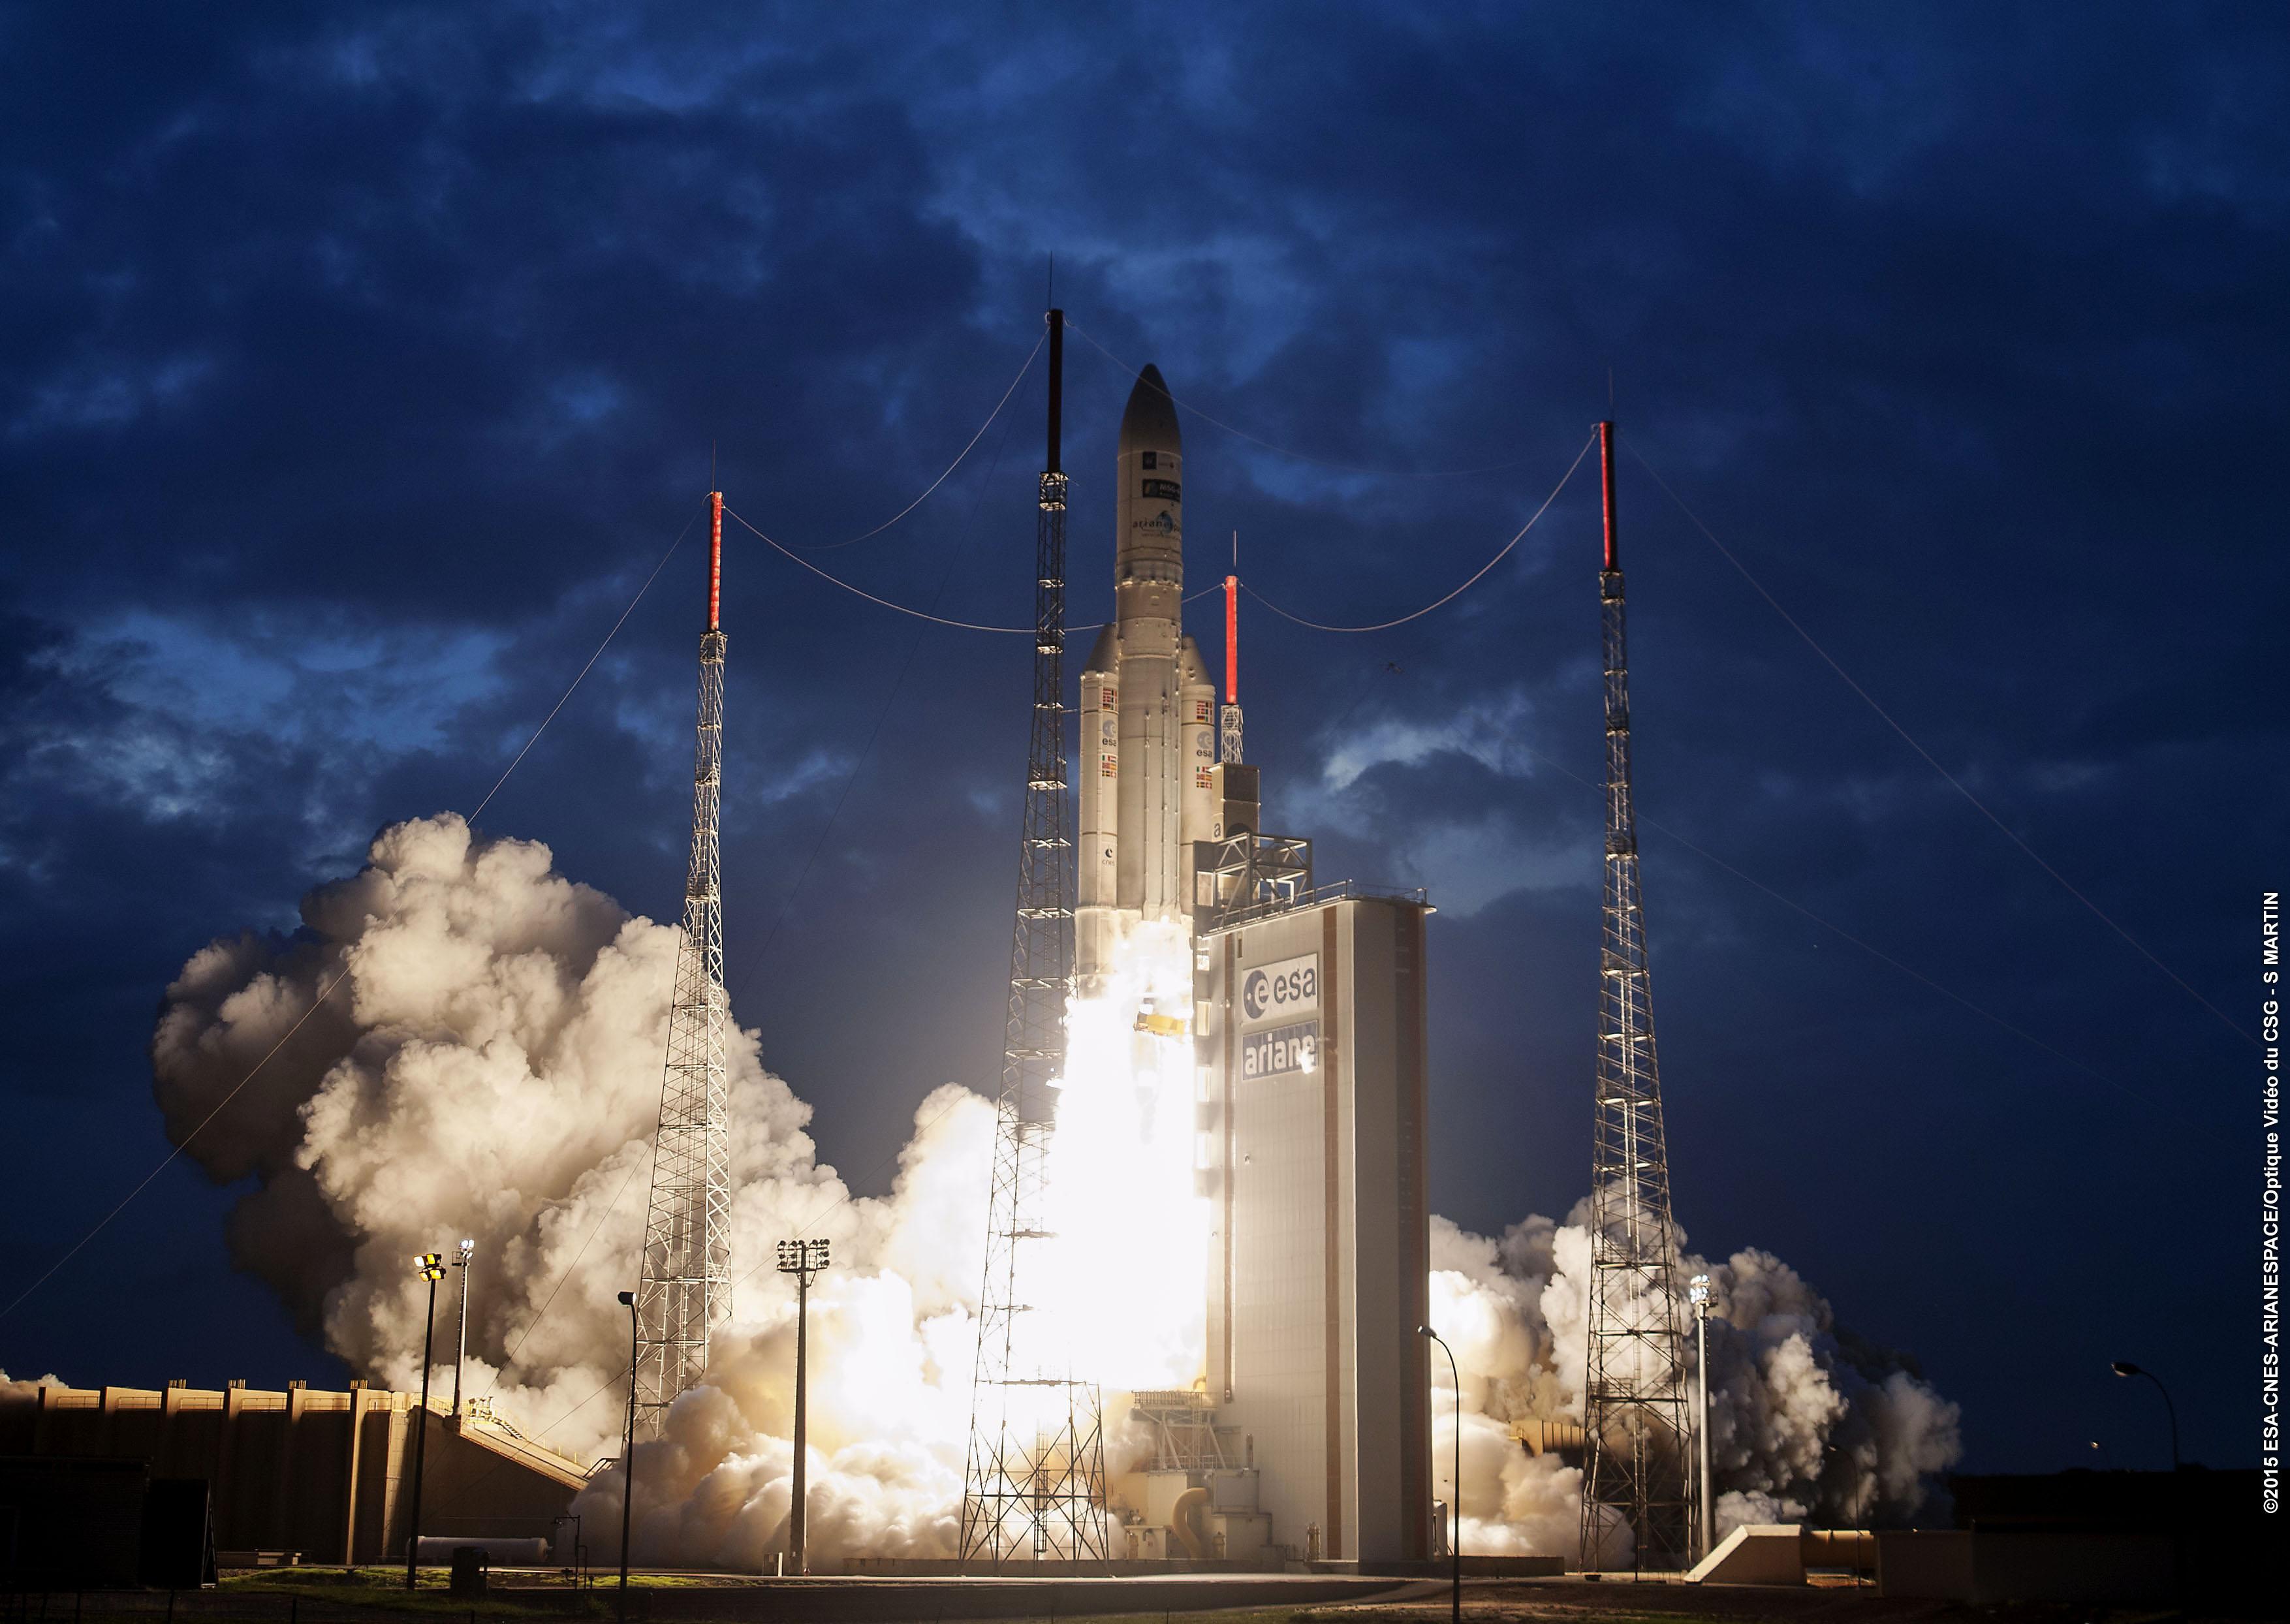 MSG-4 - Meteosat - Eumetsat - Lancement - 5 juillet 2015 - Ariane 5 ECA VA224 - Arianespace - ESA - CNES - CSG